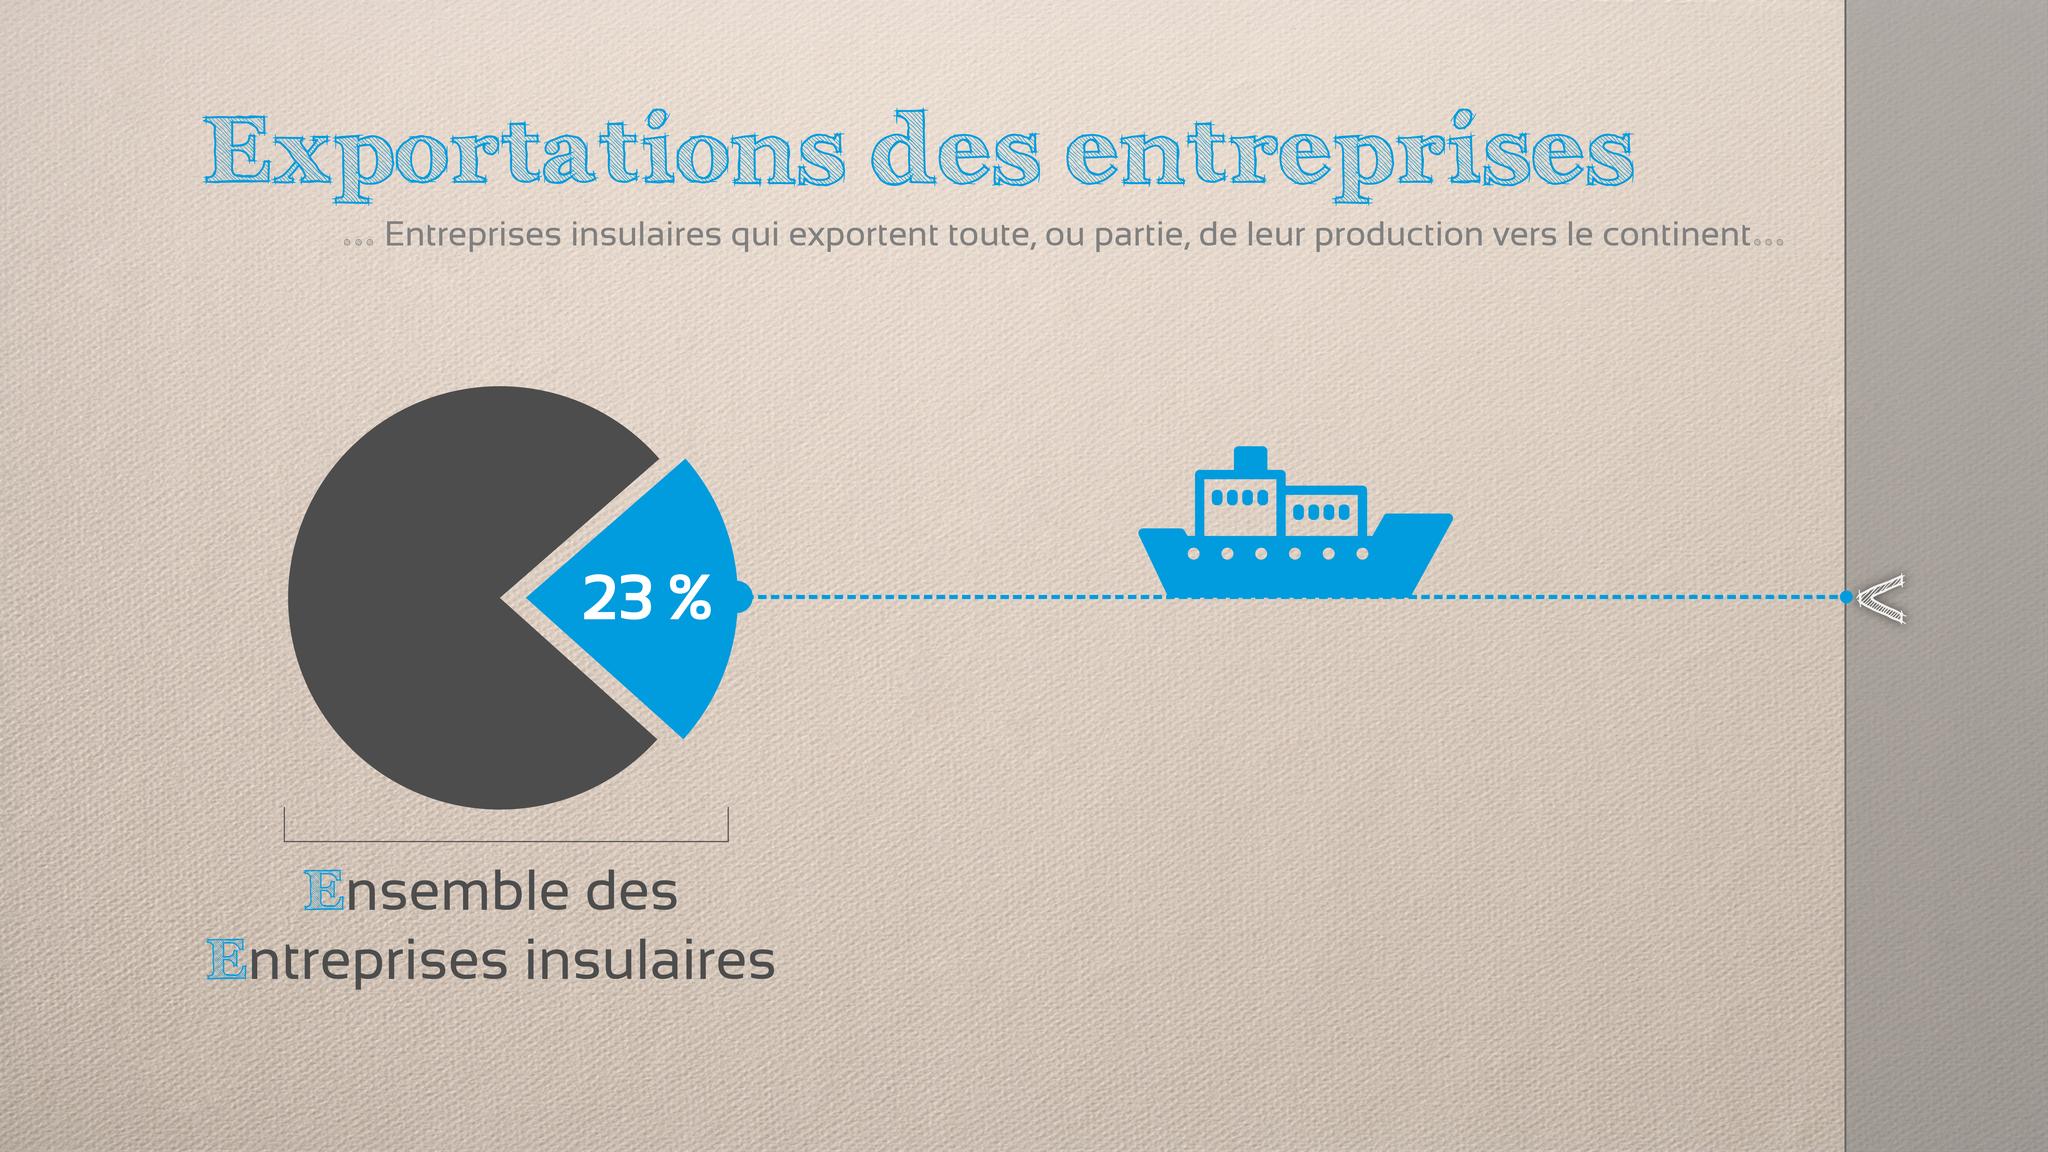 L'émission est consacrée aux entreprises qui exportent toute ou une partie de leur marchandise sur le continent. Selon les entretiens réalisés, cette stratégie concerne environ 23% des entreprises insulaires.